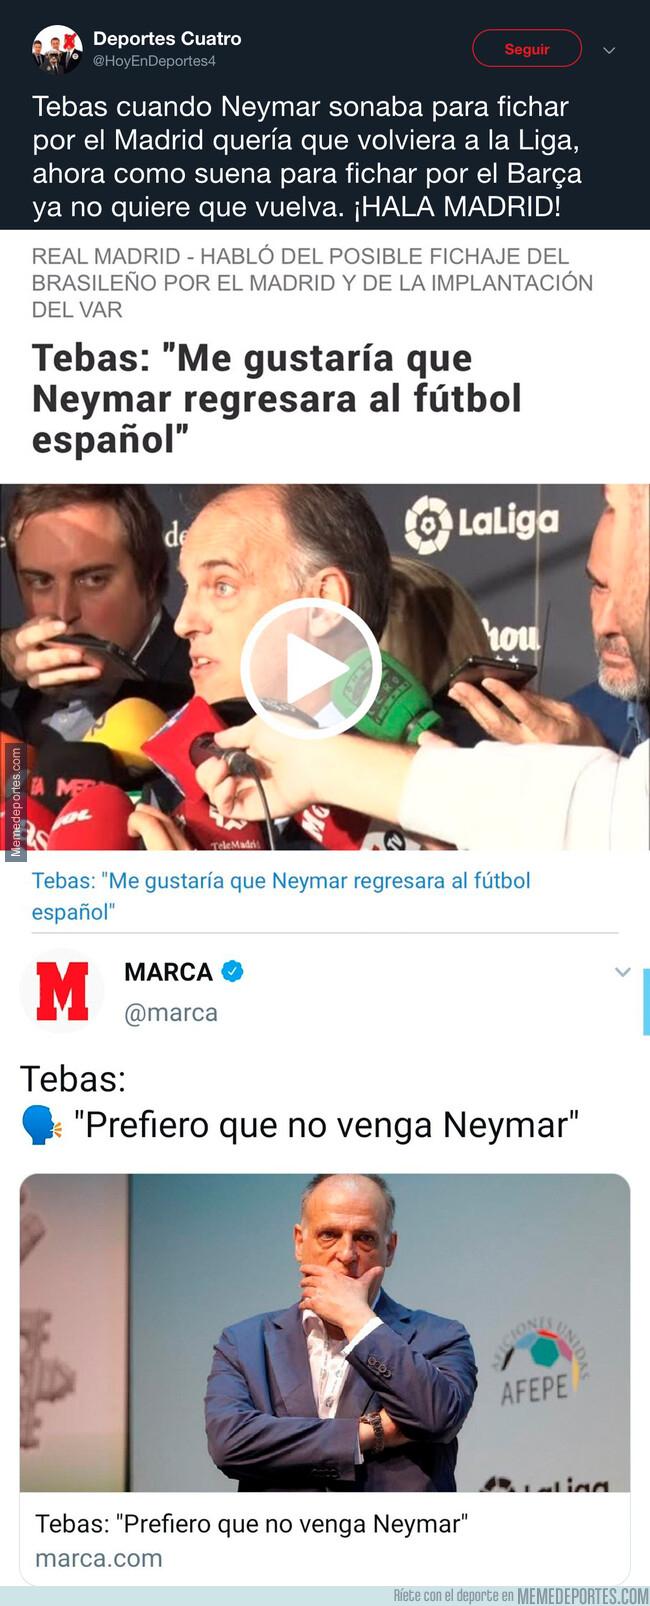 1079759 - El doble rasero de Tebas a la hora de opinar de Neymar según que equipo quiera ficharle